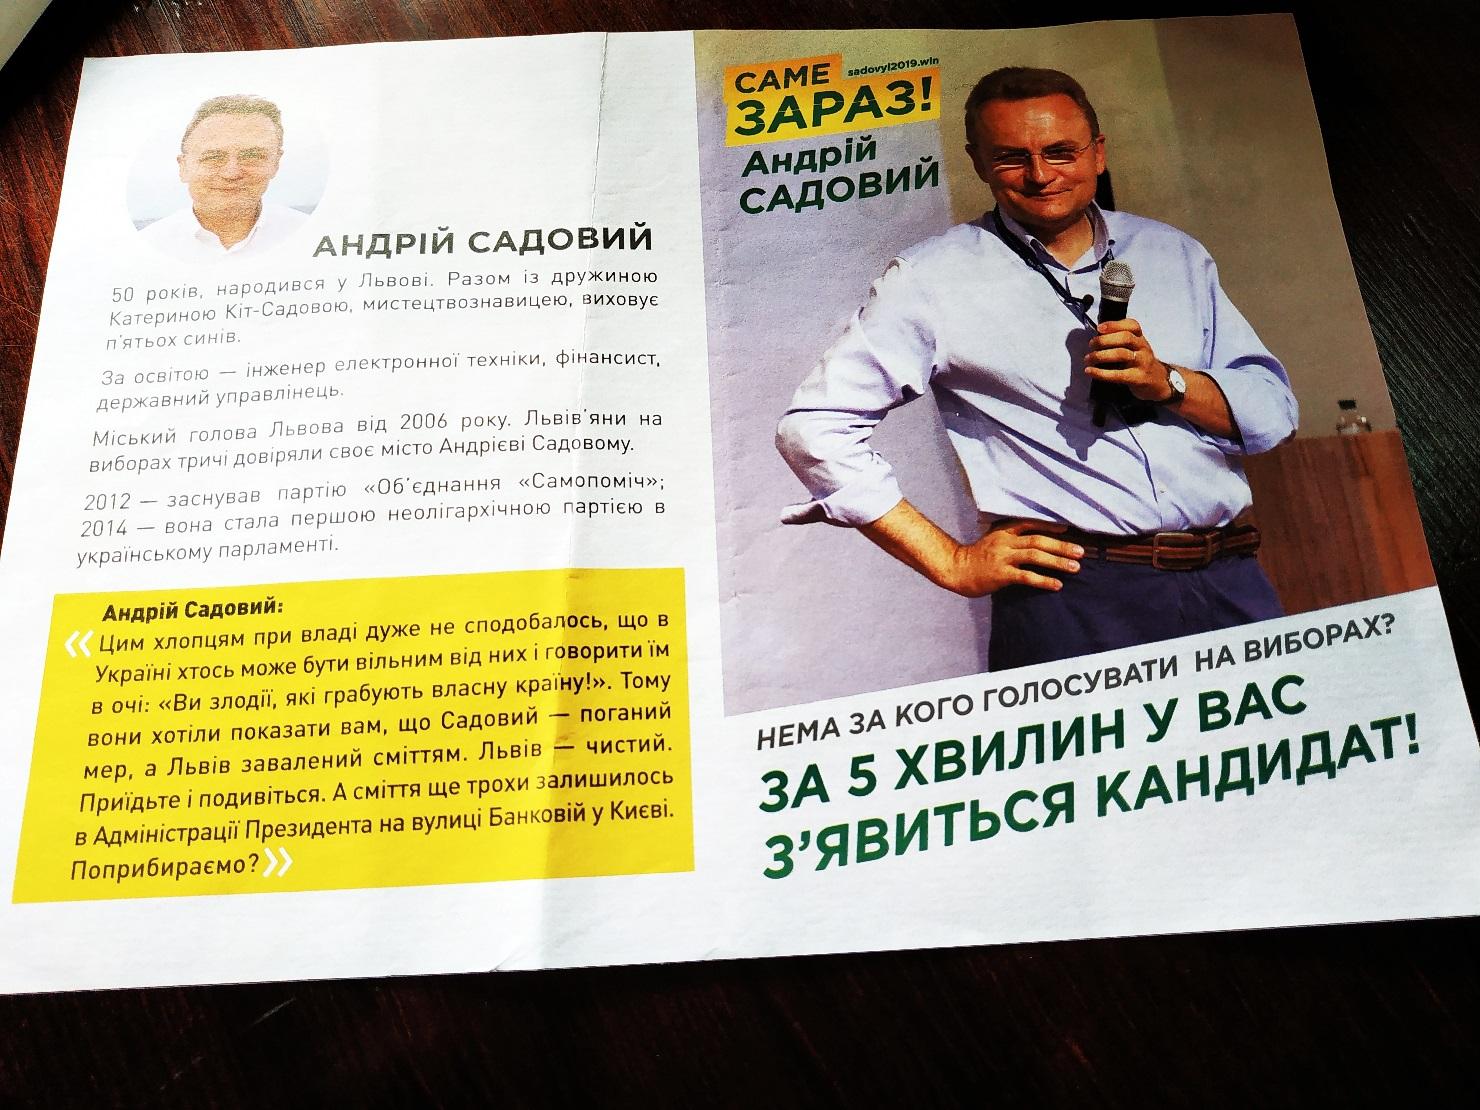 В поле зрения наблюдателей ОПОРЫ попали материалы, которые штаб кандидата напечатал заблаговременно